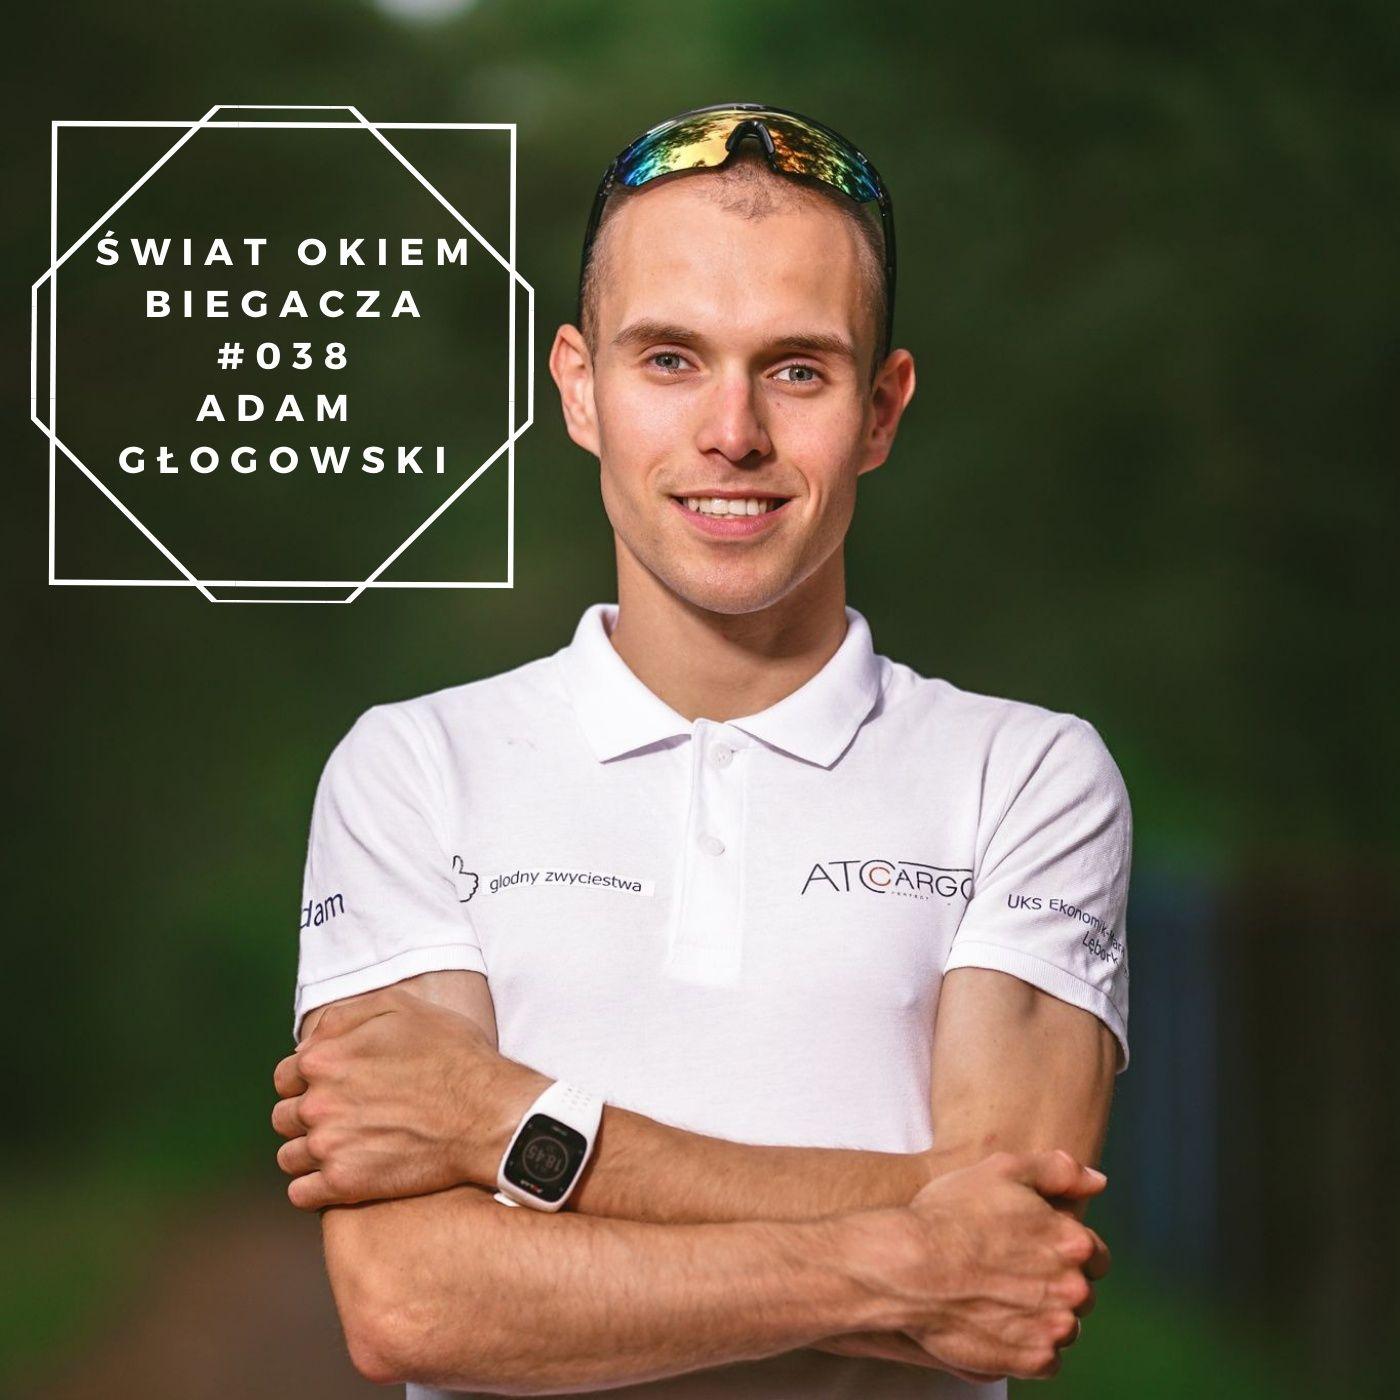 Jak awansowałem na Mistrzostwa Świata? - Adam Głogowski ŚOB #038